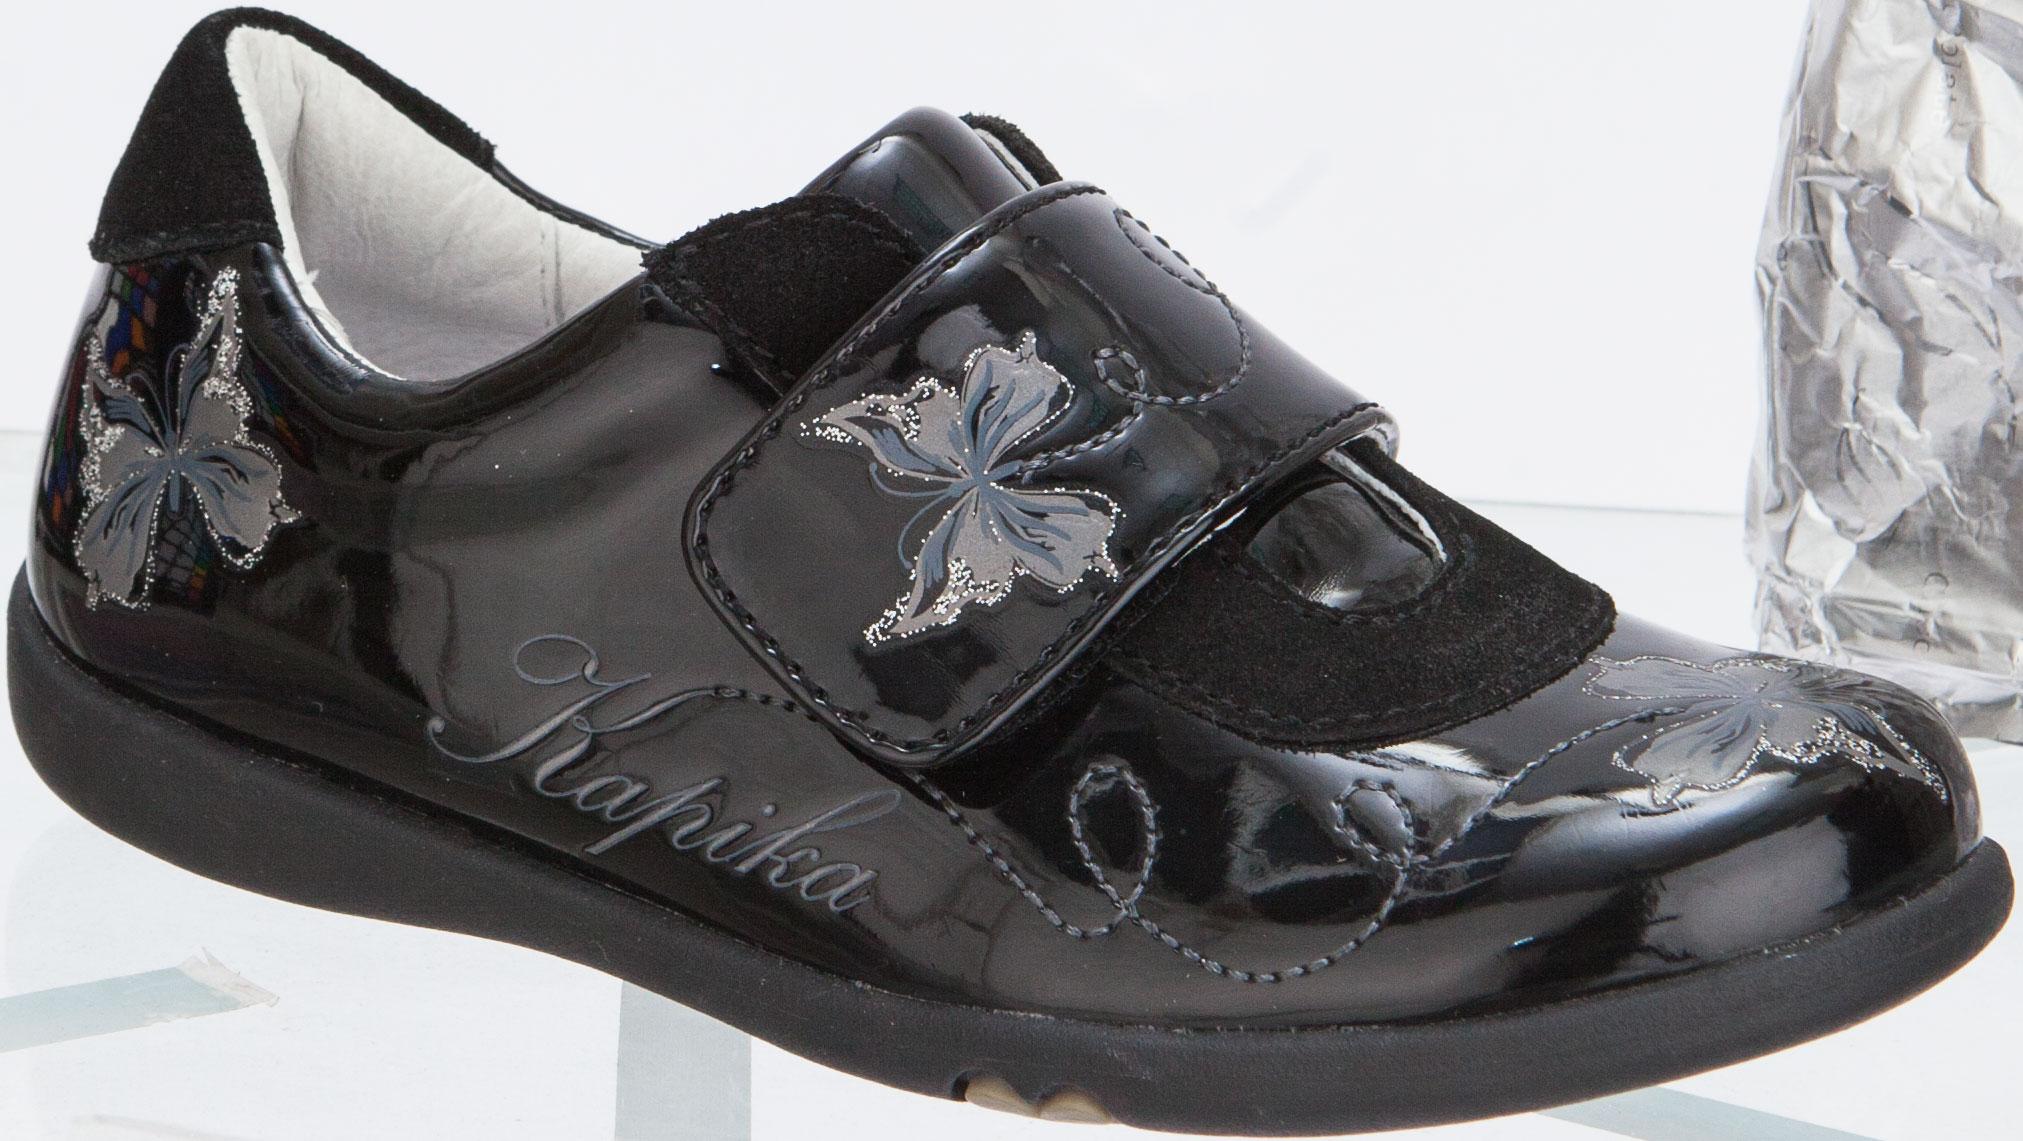 Полуботинки для девочки. 23263-223263-2Стильные полуботинки от Kapika придутся по душе вашей девочке! Модель выполнена из искусственной лакированной кожи со вставками из замши и оформлена принтом с изображениями бабочек и названия бренда. Ремешок на застежке-липучке отвечает за надежную фиксацию обуви на ноге. Стелька из материала EVA и натуральной кожи обеспечивает правильное положение ноги ребенка при ходьбе. Перфорация на стельке позволяет ногам дышать. Рельефная поверхность подошвы обеспечивает надежное сцепление с любой поверхностью. Удобные полуботинки - незаменимая вещь в гардеробе каждой девочки.